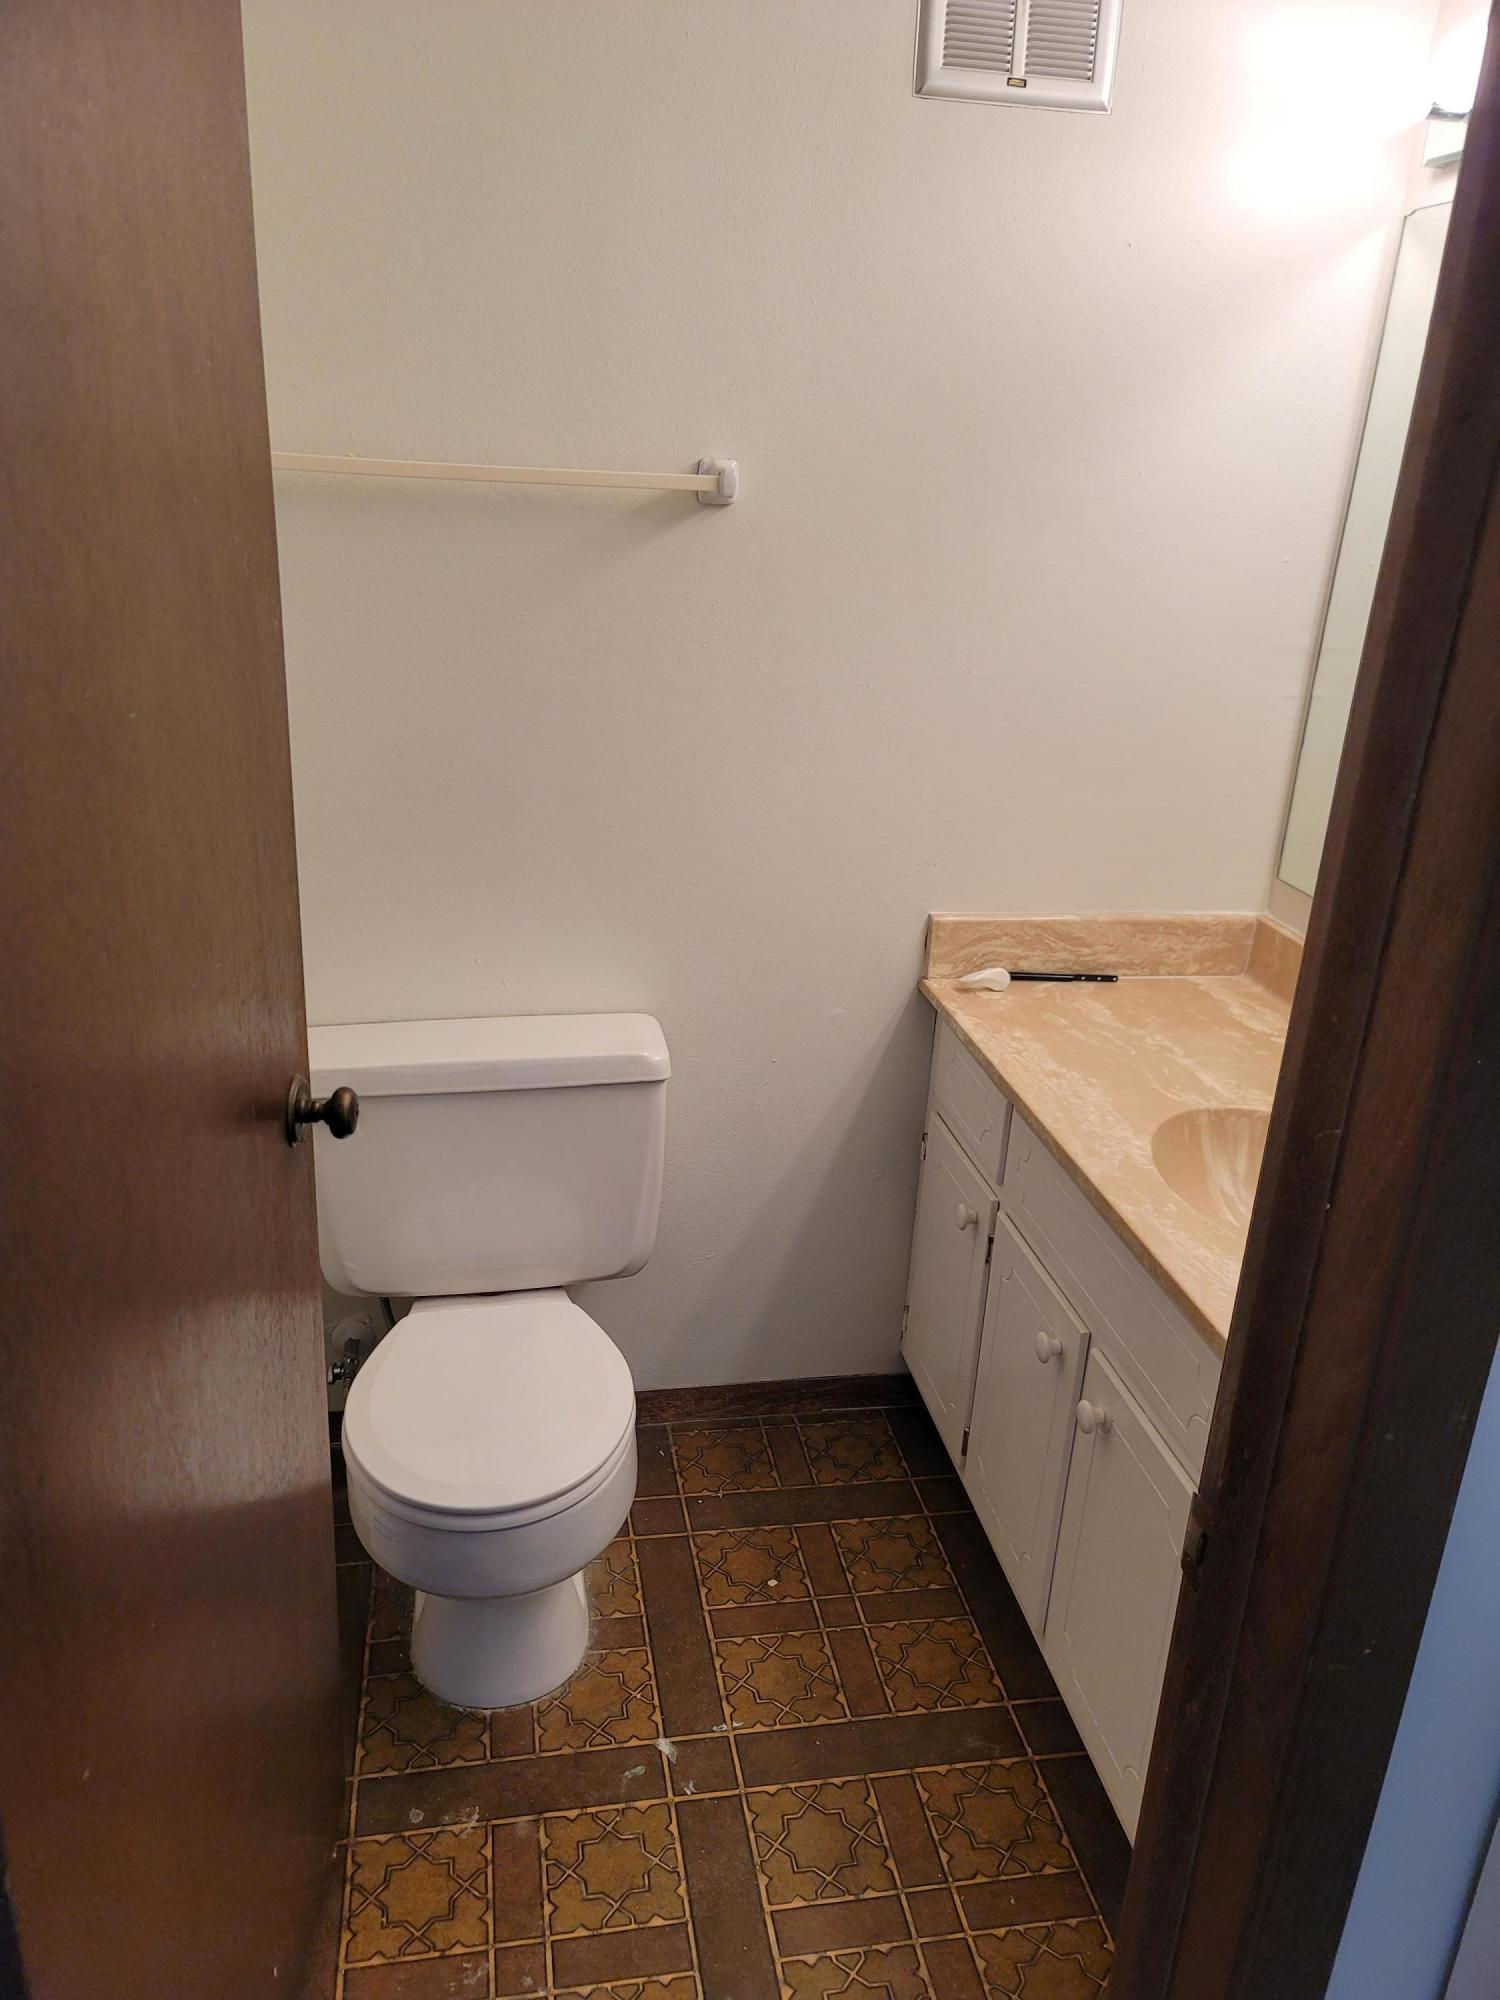 4155 Rivers Edge Cir, Brown Deer, Wisconsin 53209, 2 Bedrooms Bedrooms, ,1 BathroomBathrooms,Condominiums,For Sale,Rivers Edge Cir,2,1746193